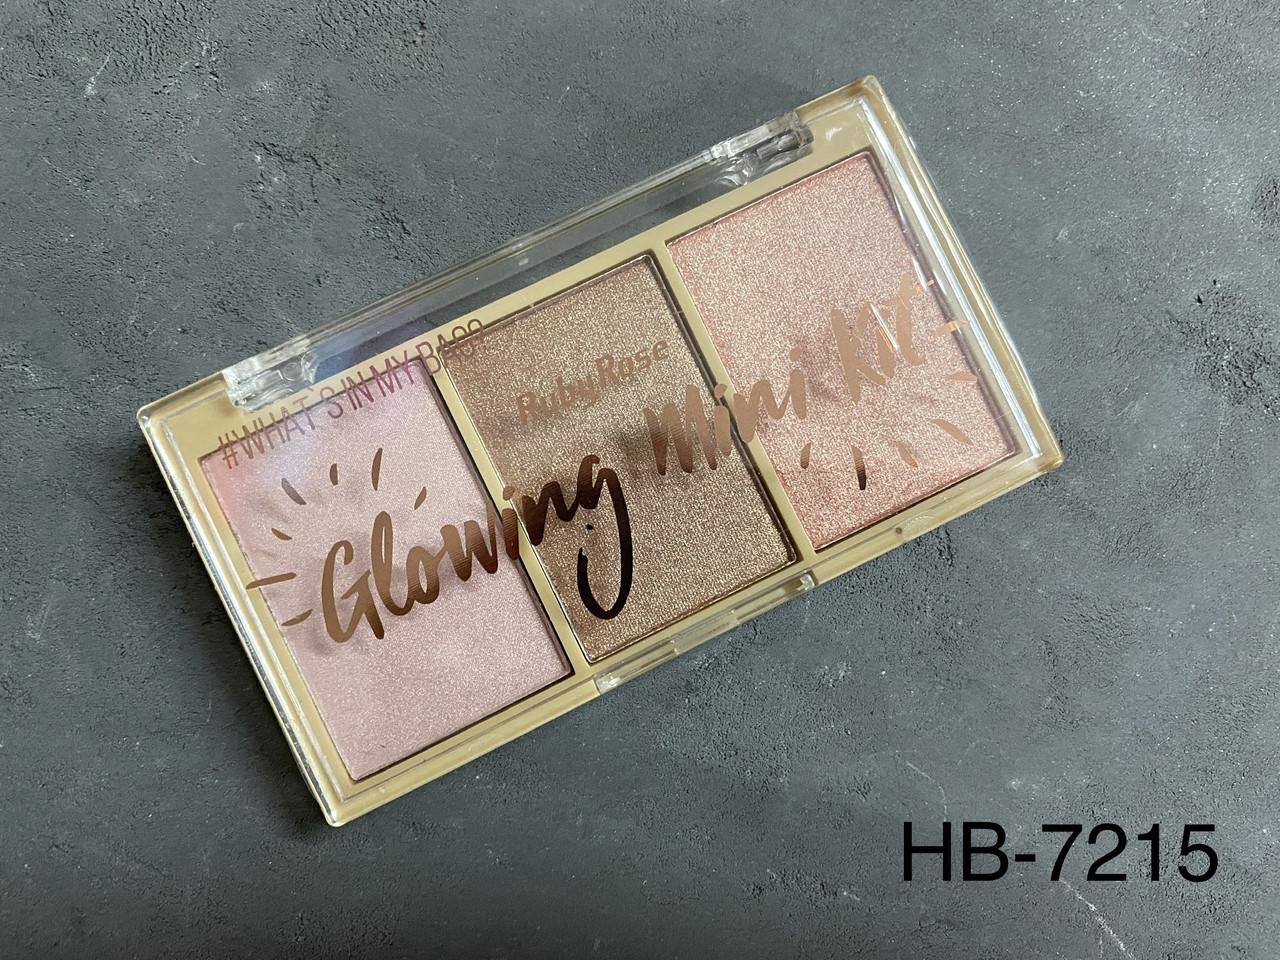 Glowing Mini Kit палетка хайлайтеров Ruby Rose НВ-7215